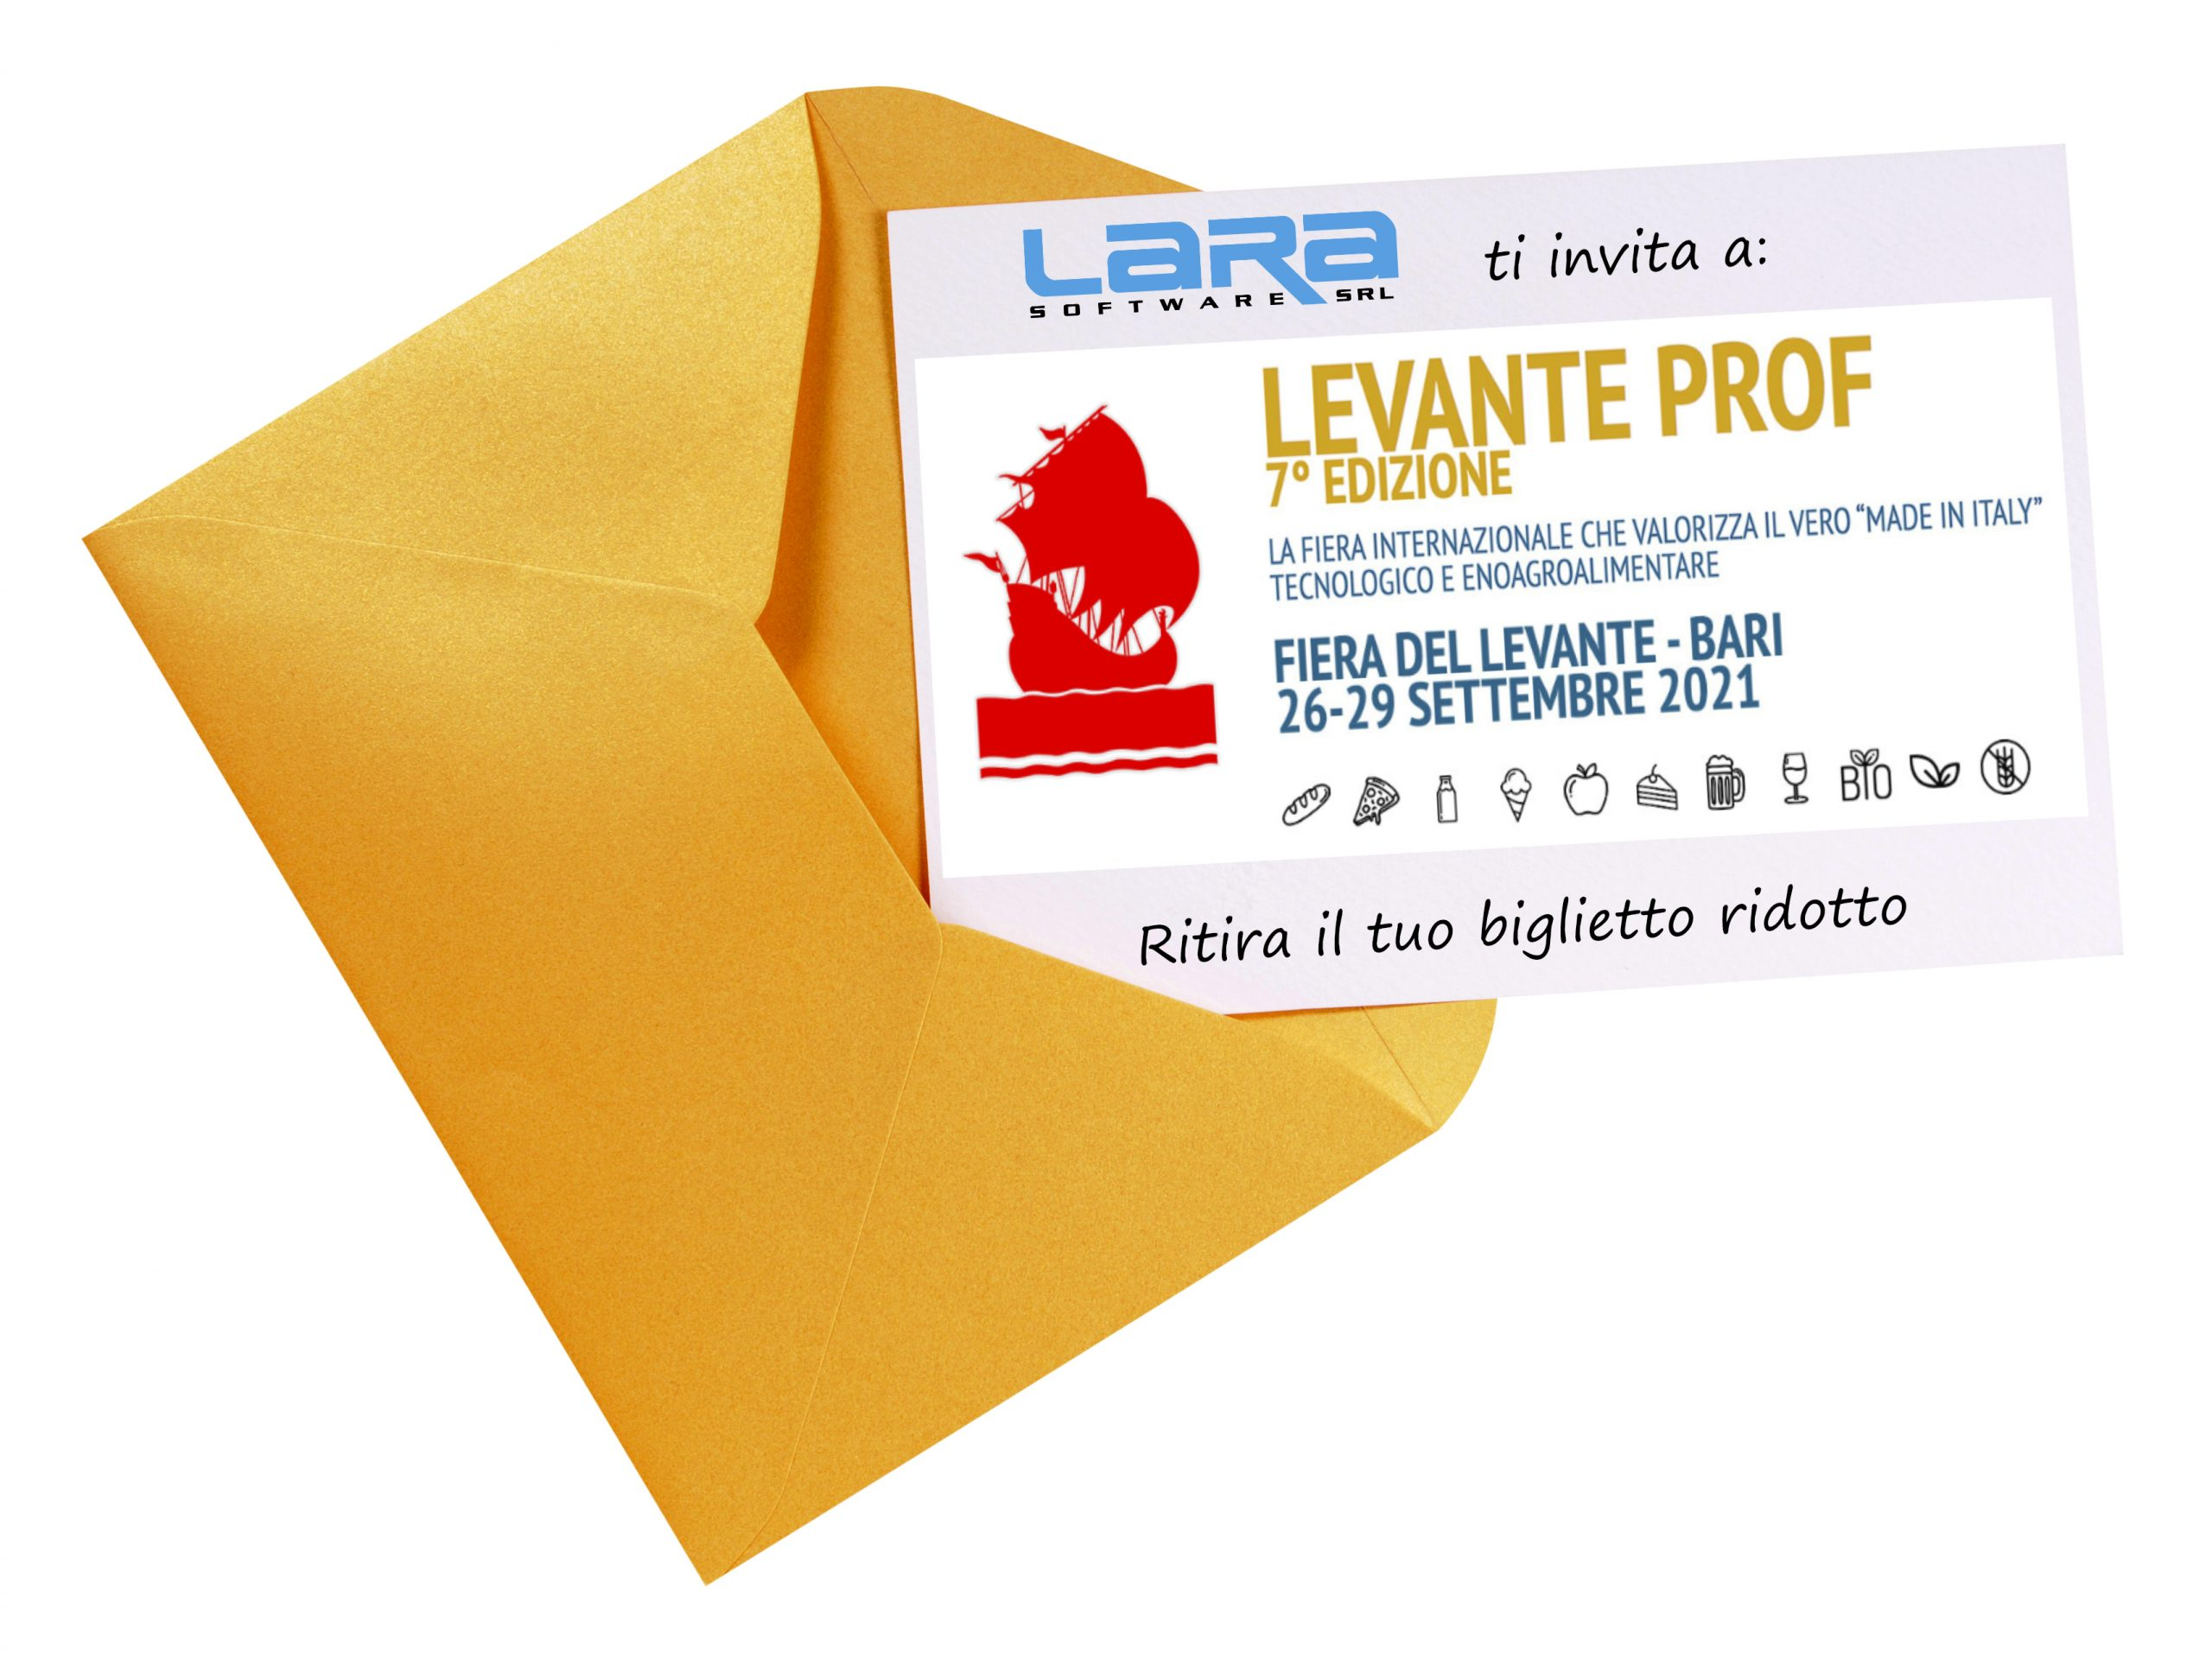 biglietto ridotto LEVANTE PROF